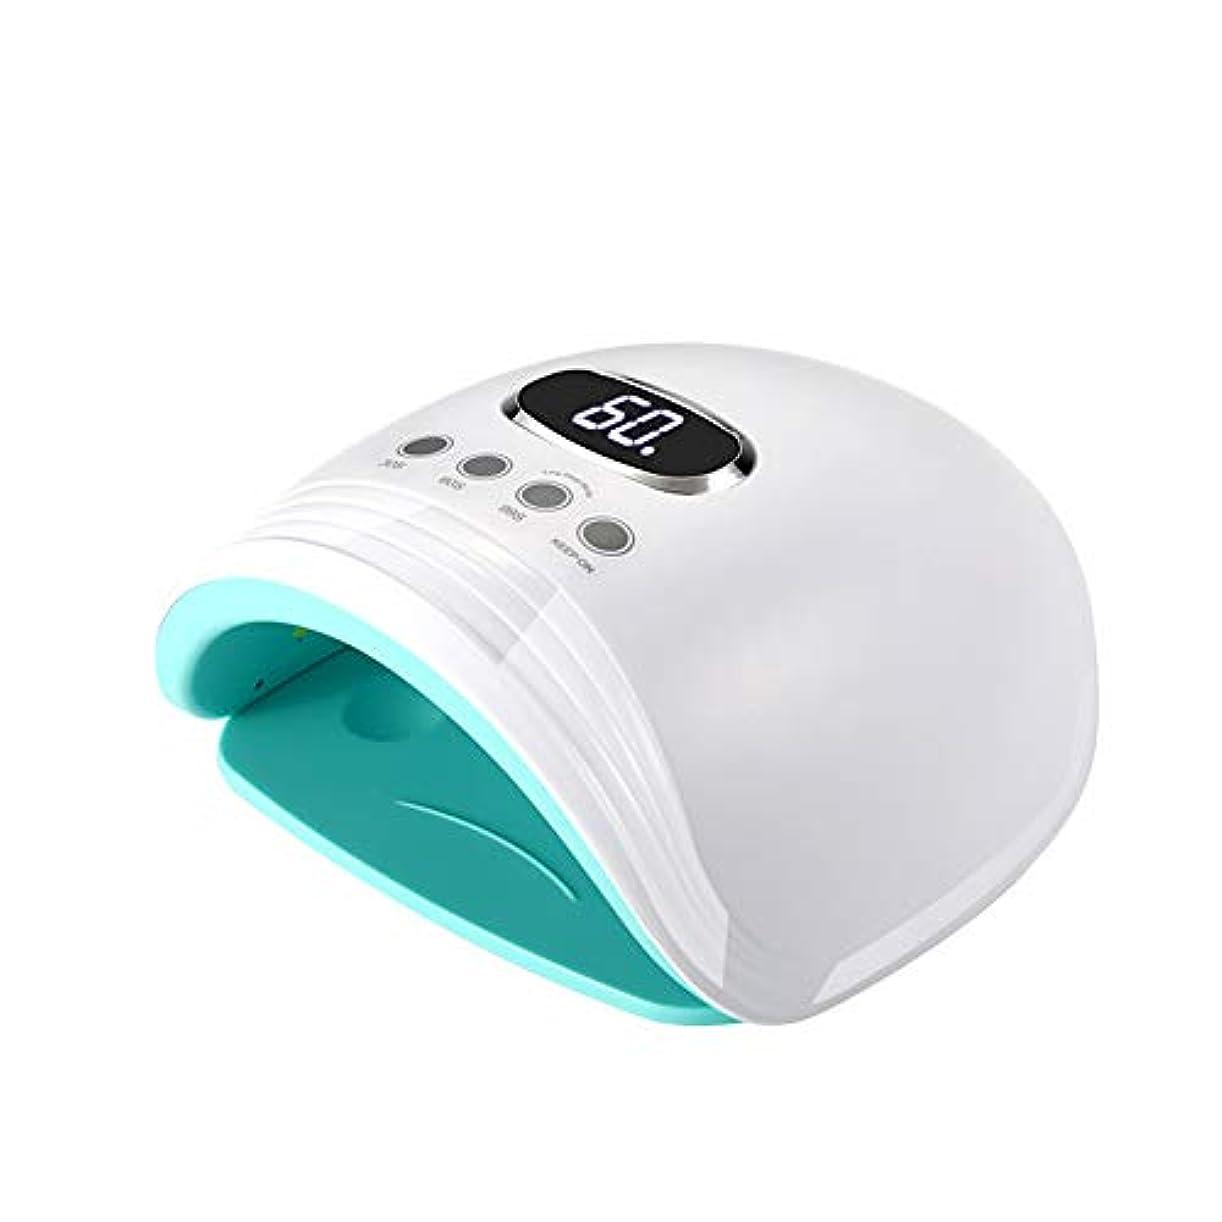 敵対的動的希望に満ちたホワイトニングネイル光線療法機60W /赤外線センサー/ダブルライト